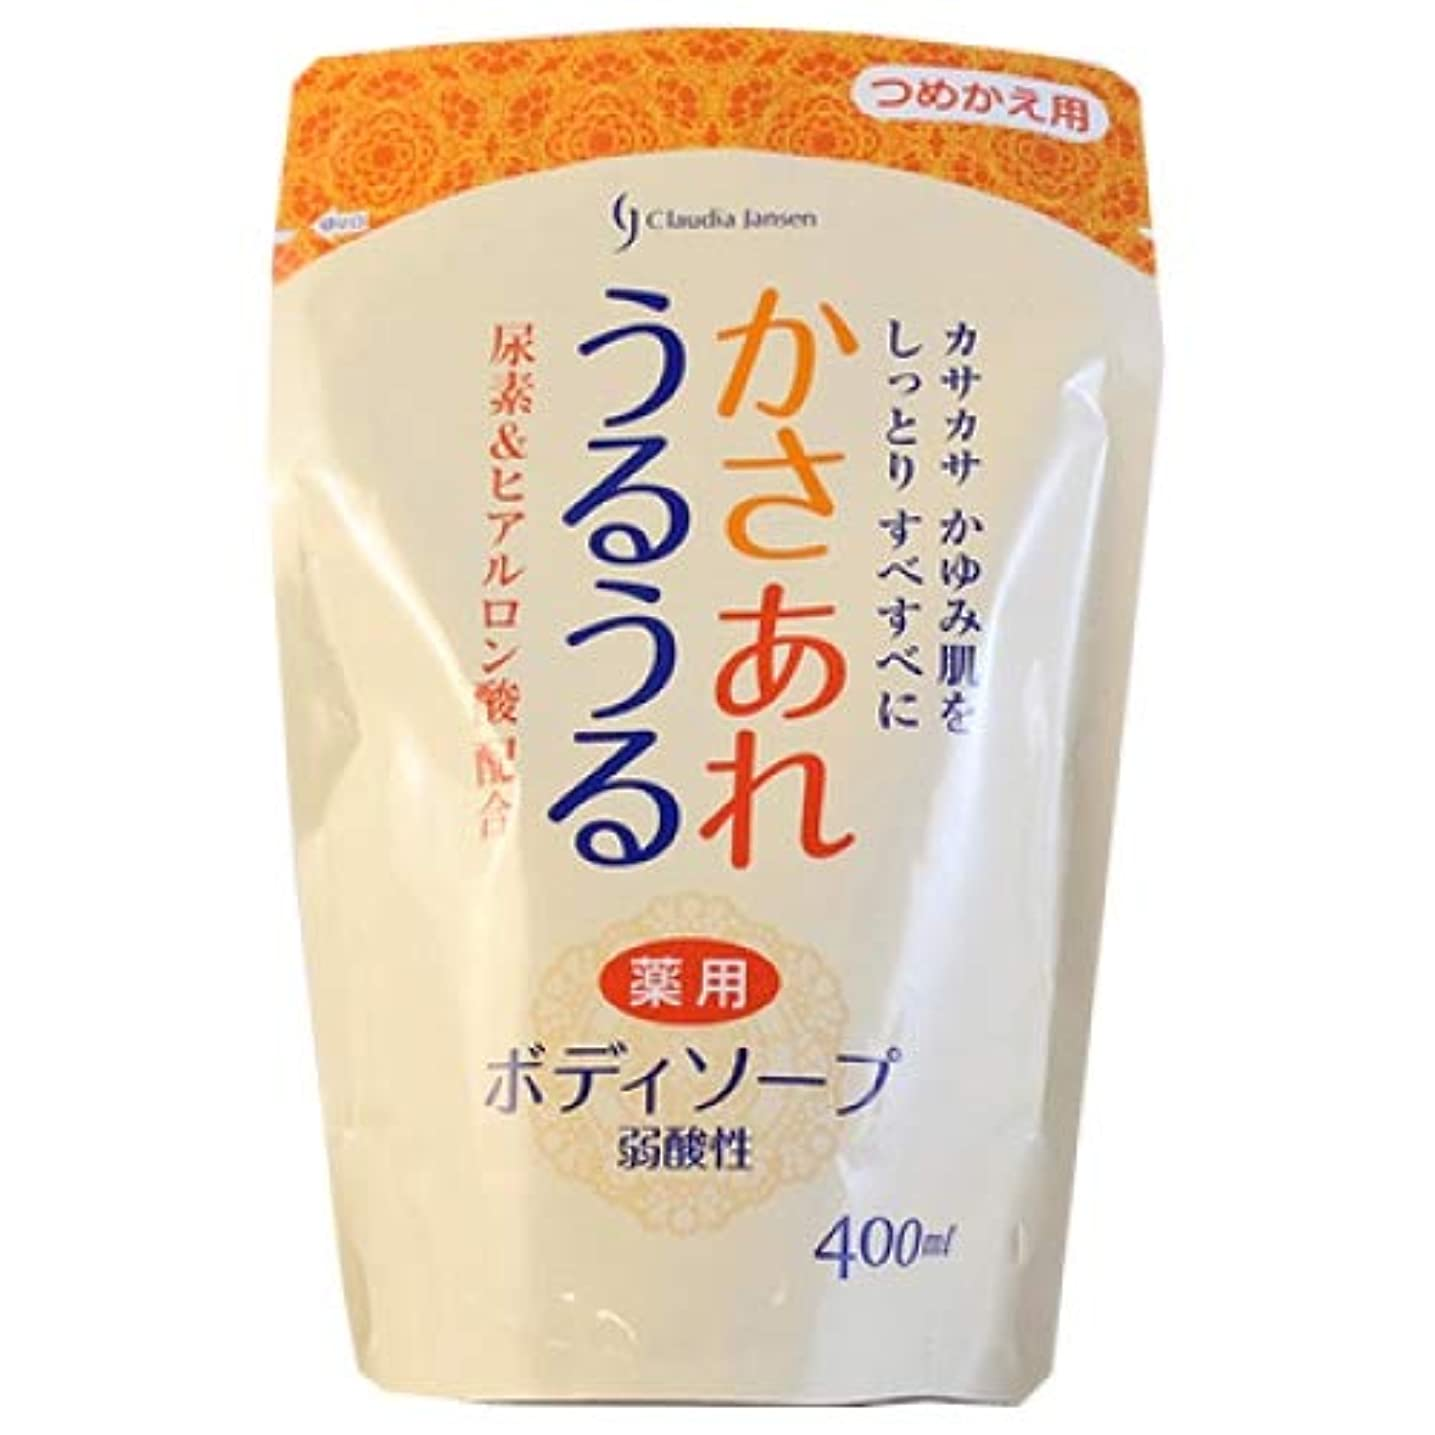 かさあれうるうる 弱酸性 薬用ボディソープ 詰替え 400ml(日本石鹸)